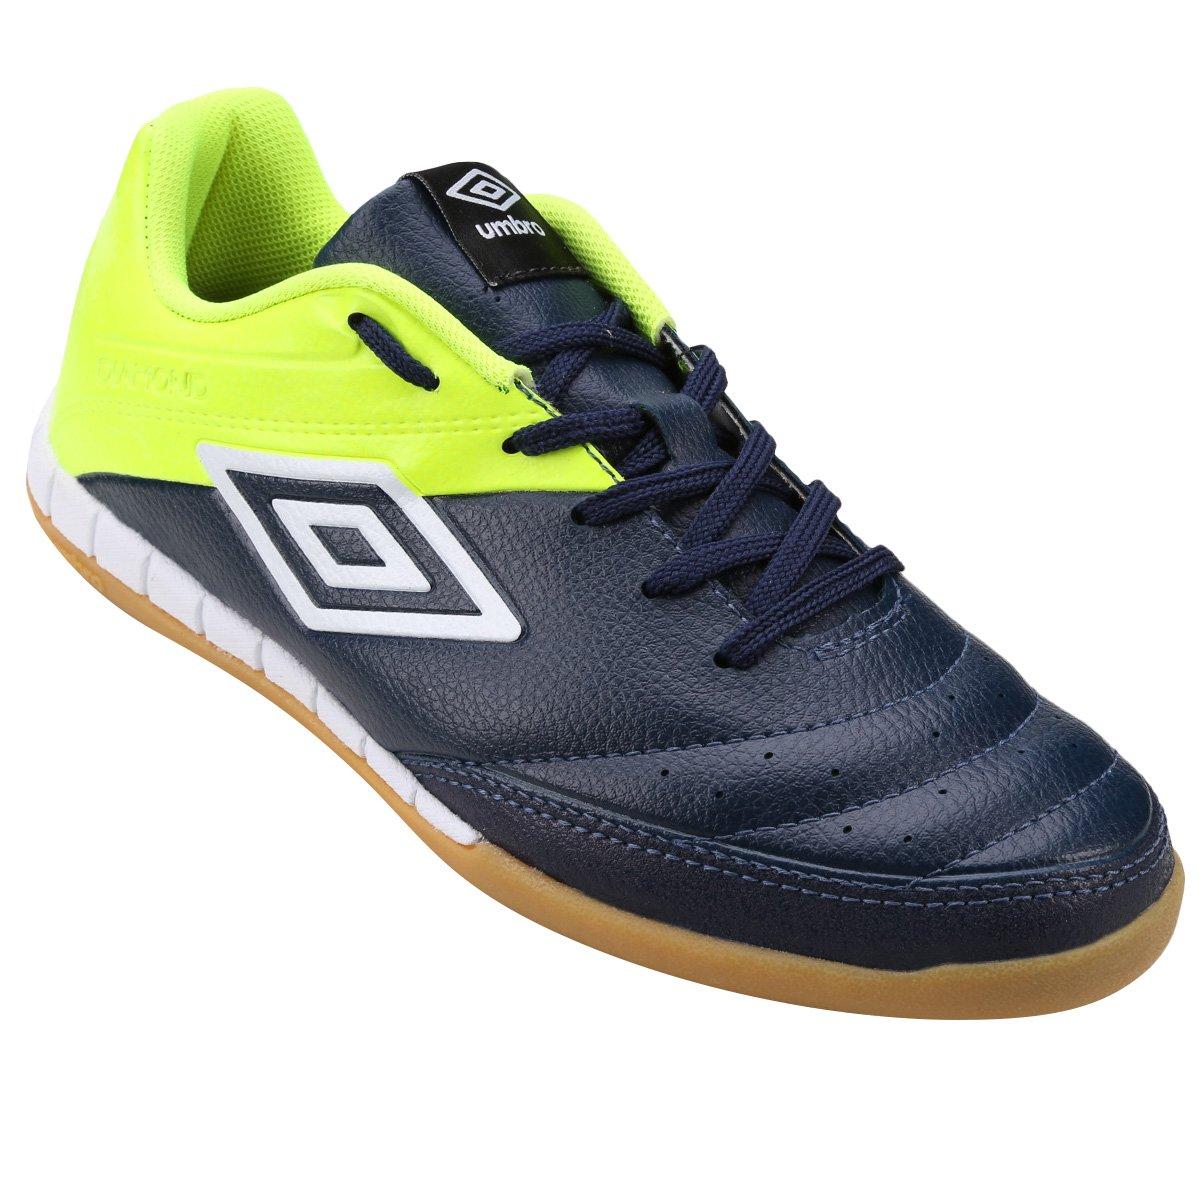 ea6bd2a62929f Chuteira Futsal Umbro Diamond 2 - Compre Agora